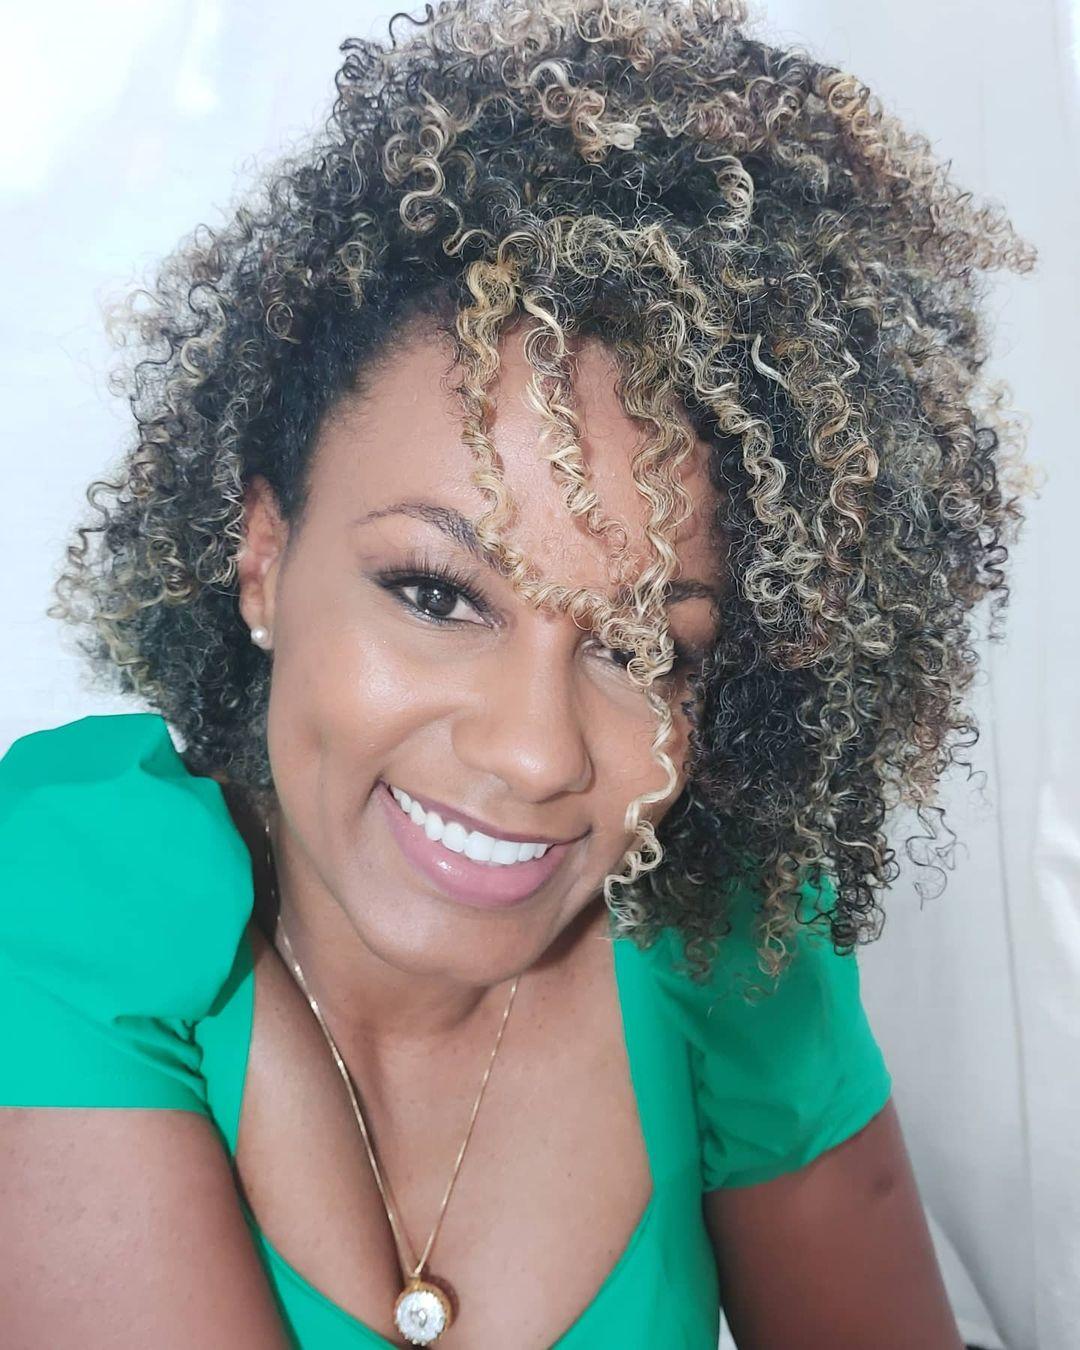 1612587985 374 10 increibles consejos sobre como cuidar el cabello rizado con - 10 increíbles consejos sobre cómo cuidar el cabello rizado con reflejos